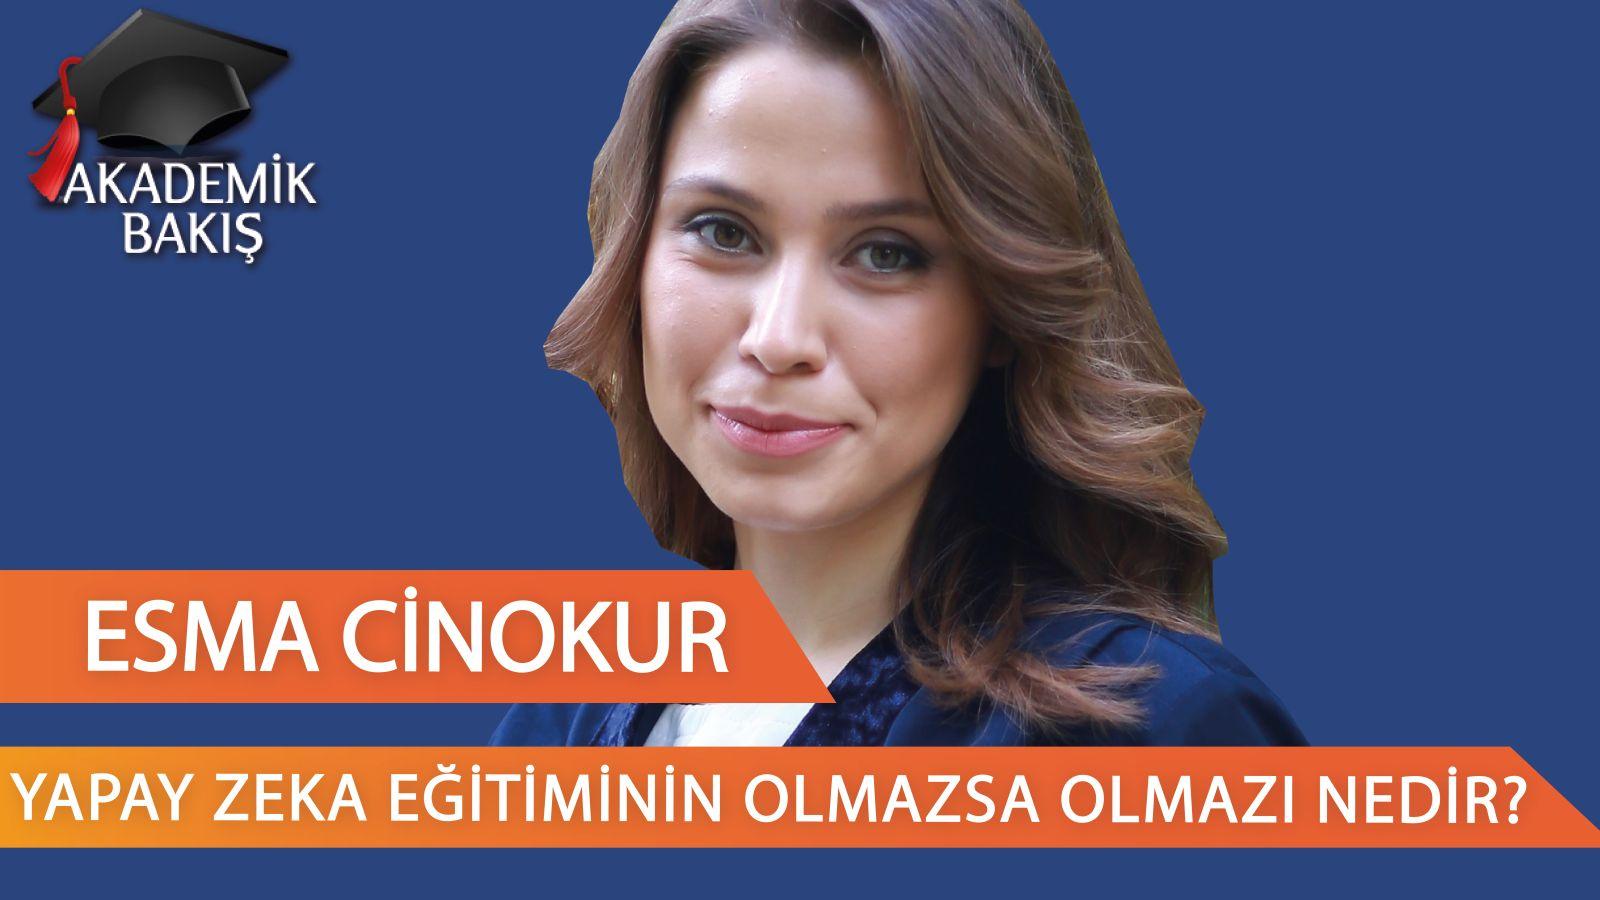 Esma Cinokur, Michael Kuyucu'ya YAPAY ZEKA Eğitimini Anlattı